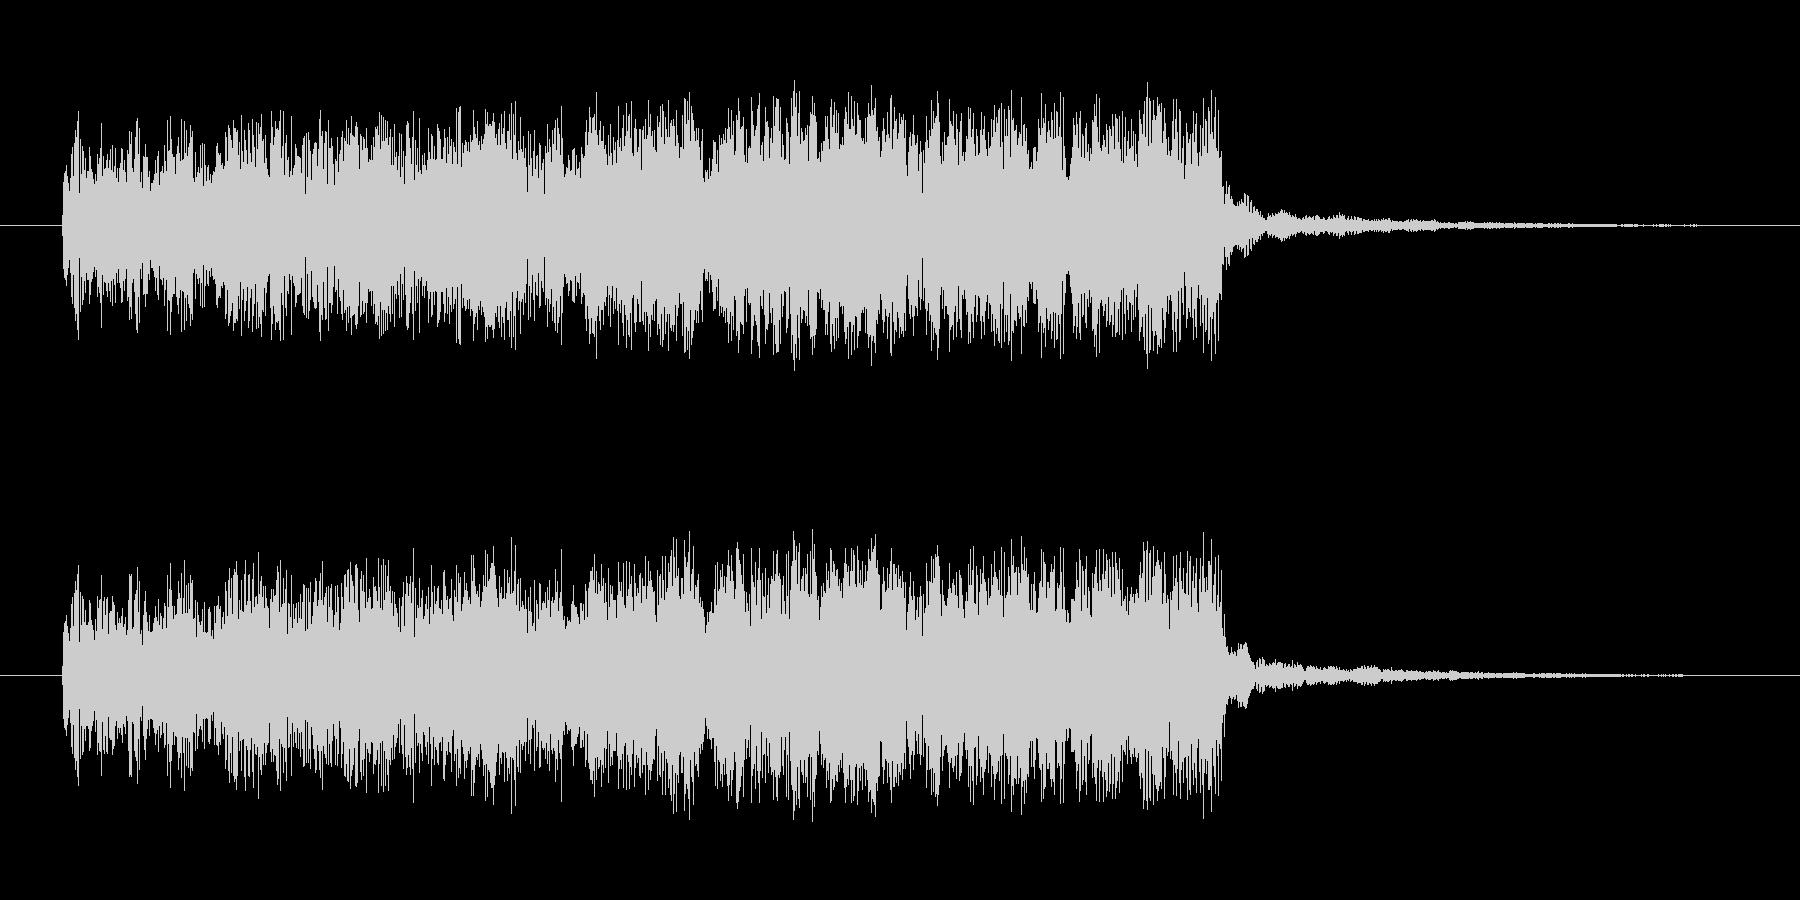 クリア 目標達成 レベルアップ 上昇音の未再生の波形